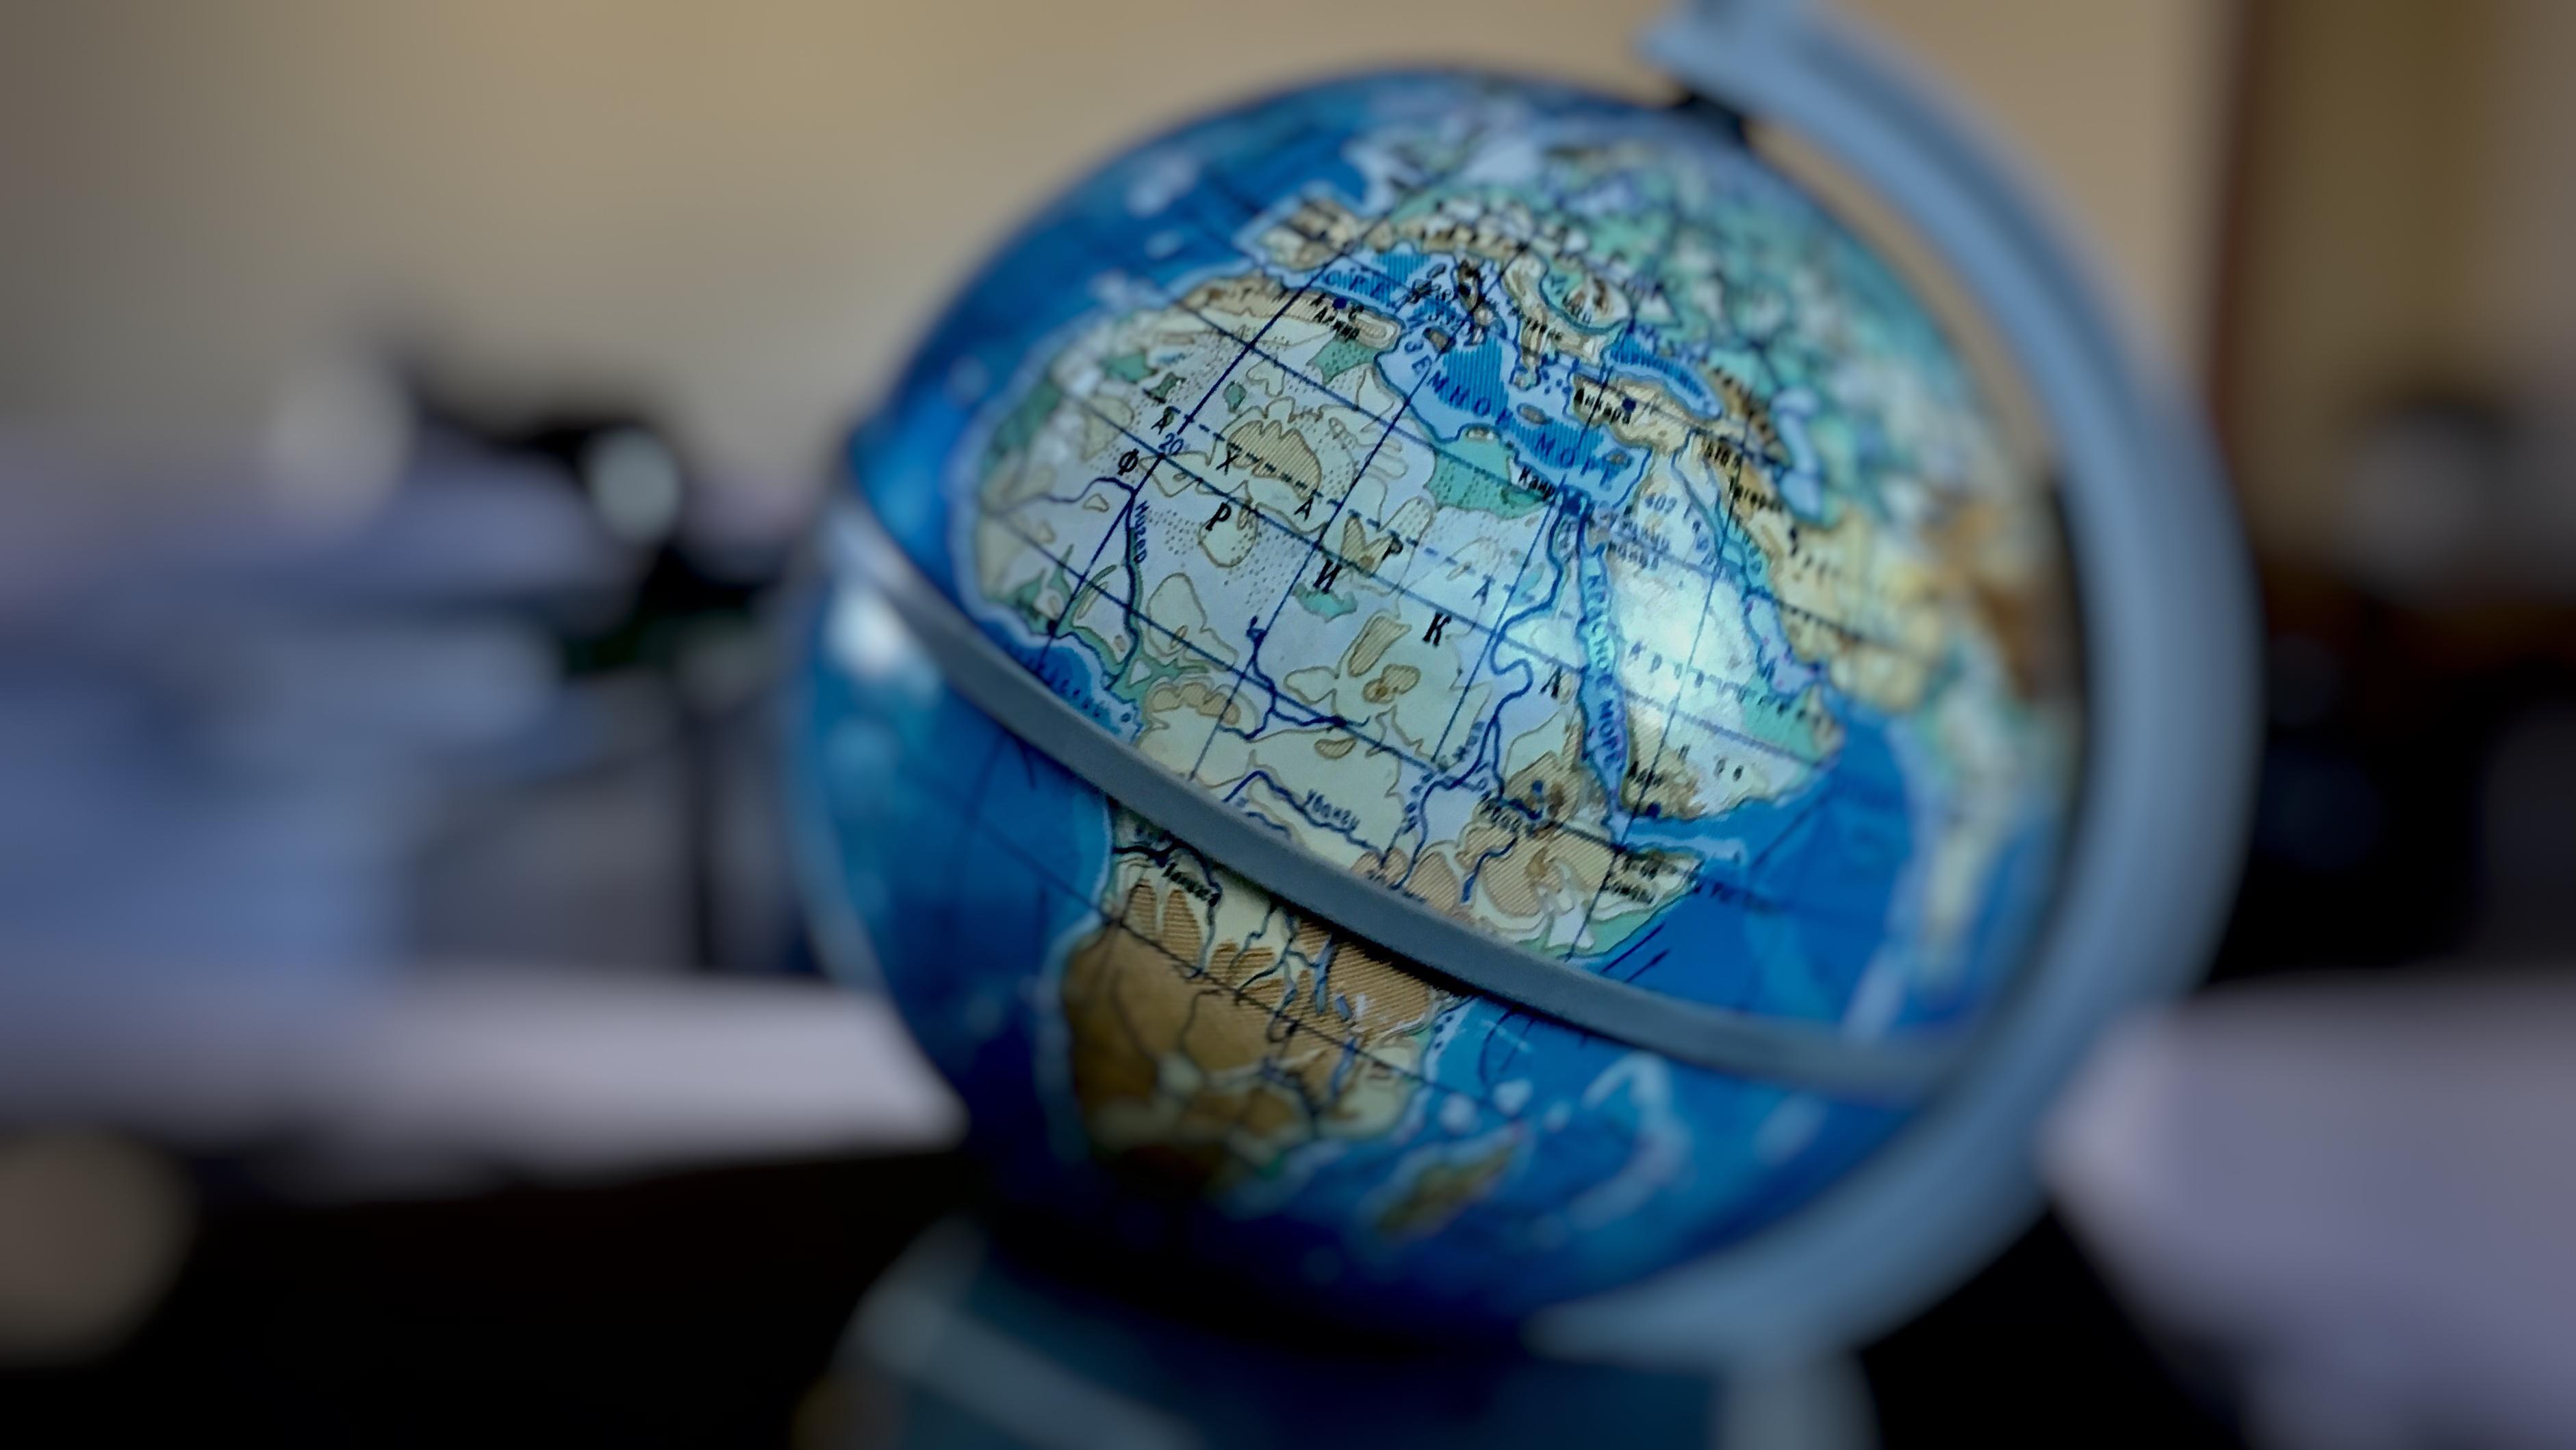 2020 Dünya nüfusu kaç? Dünyada kaç milyon insan var?